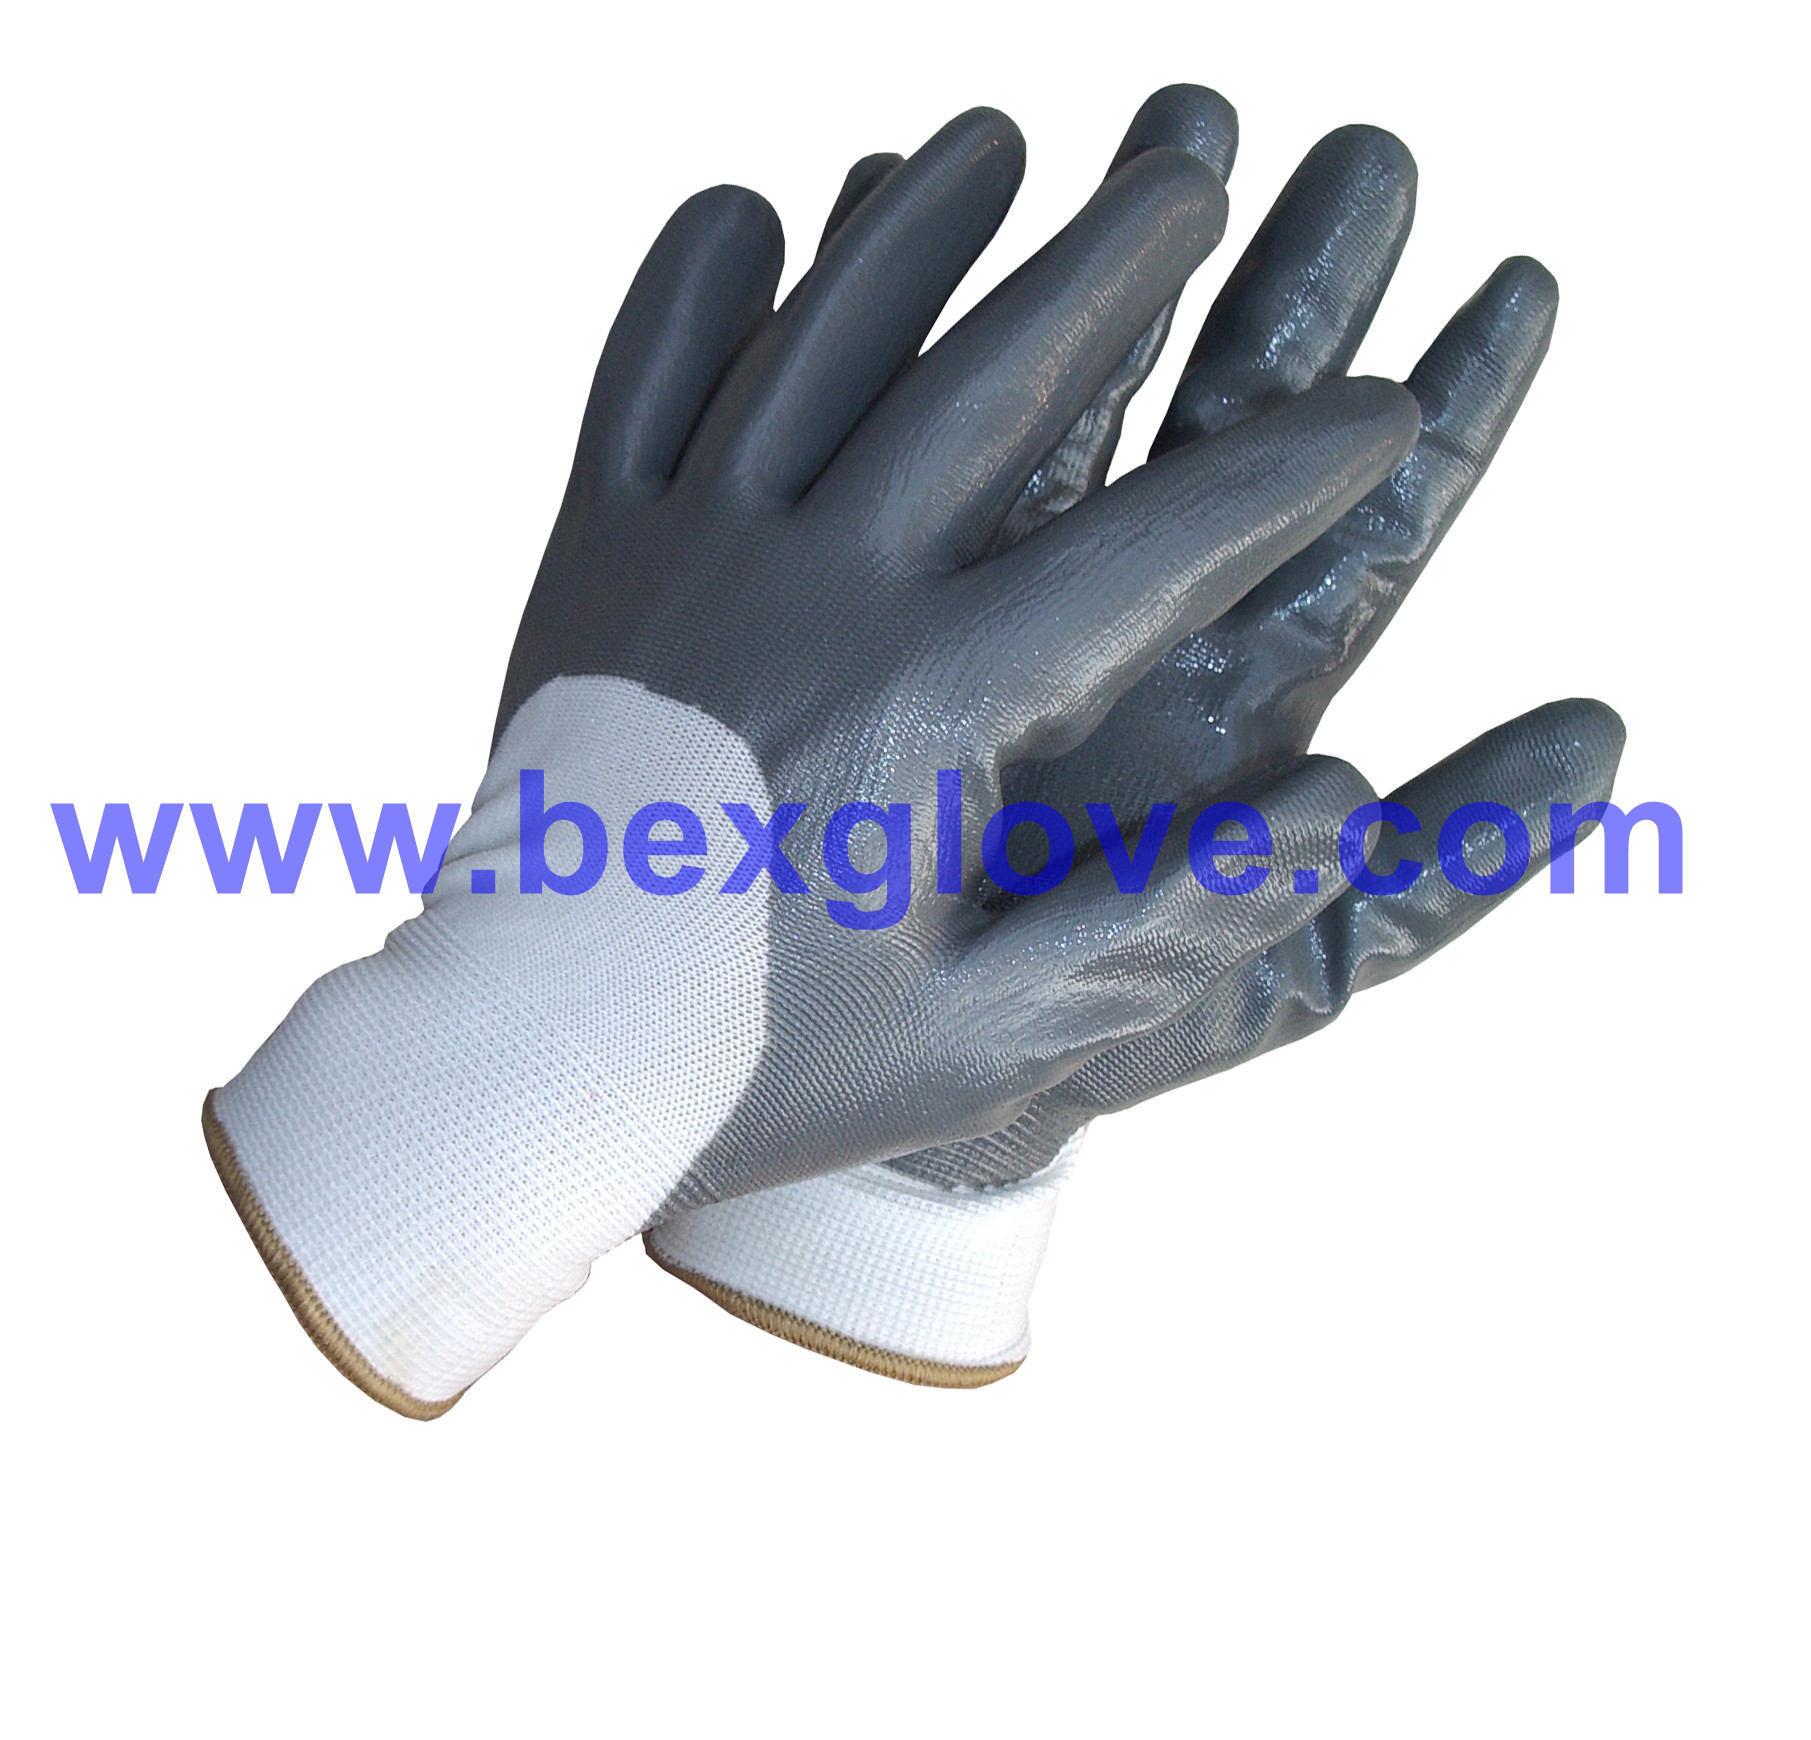 13 Gauge Polyester Liner, Nitrile Coating, 3/4, Smooth Finish Safety Gloves